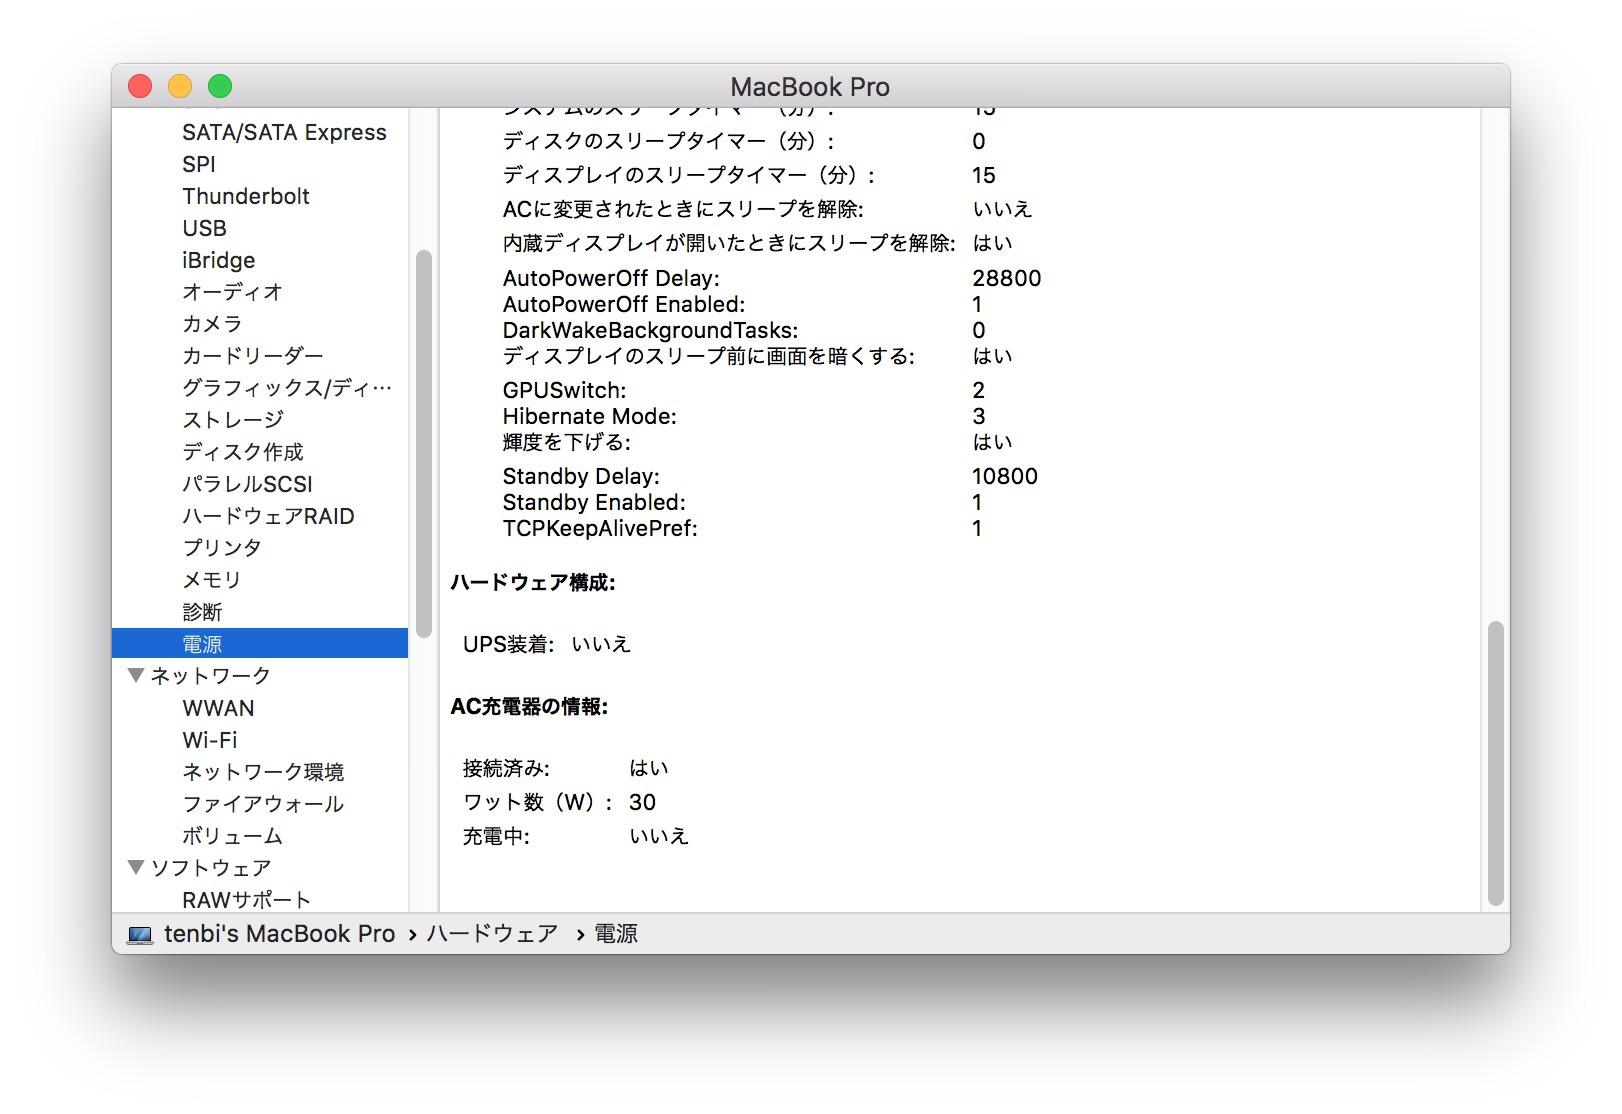 30Wの出力でMacBook Proの充電が可能